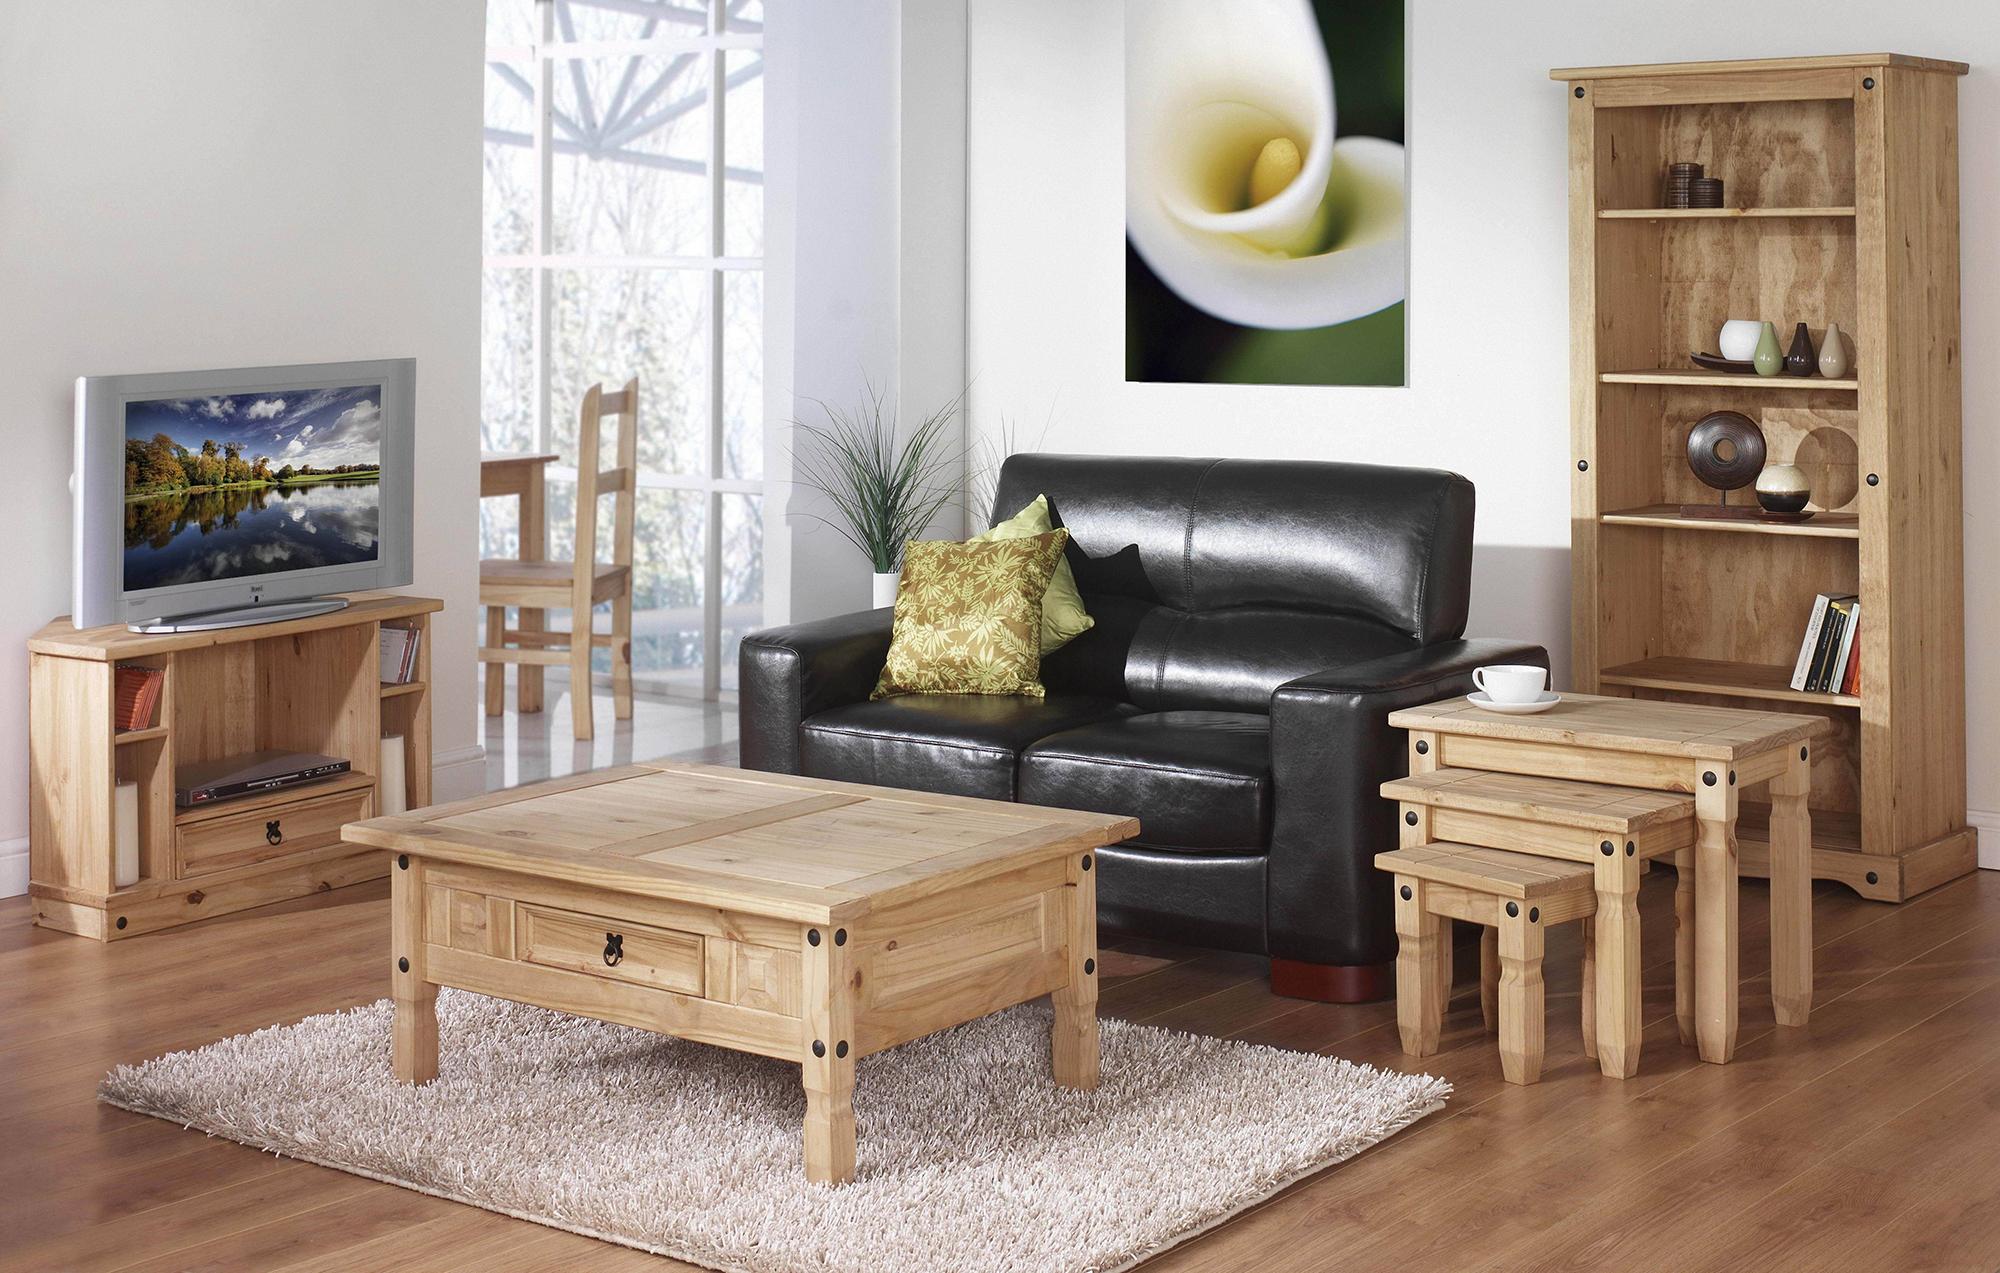 Бежевый пол и мебель в гостиной